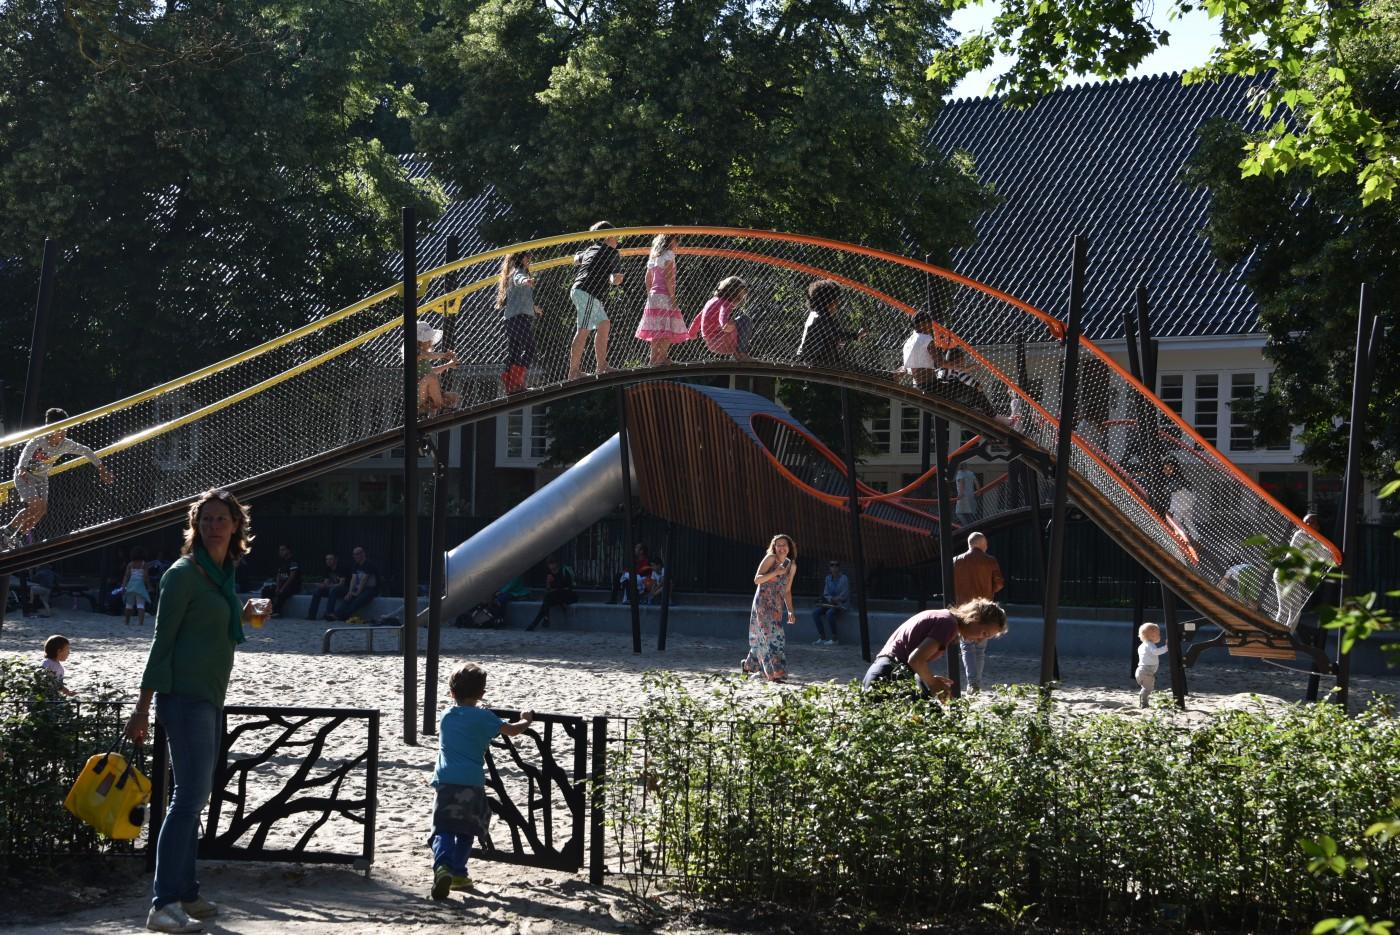 buro-sant-en-co-landschapsarchitectuur-oosterpark-amsterdam-ontwerp-speelslinger-openluchtschool-kinderrijk